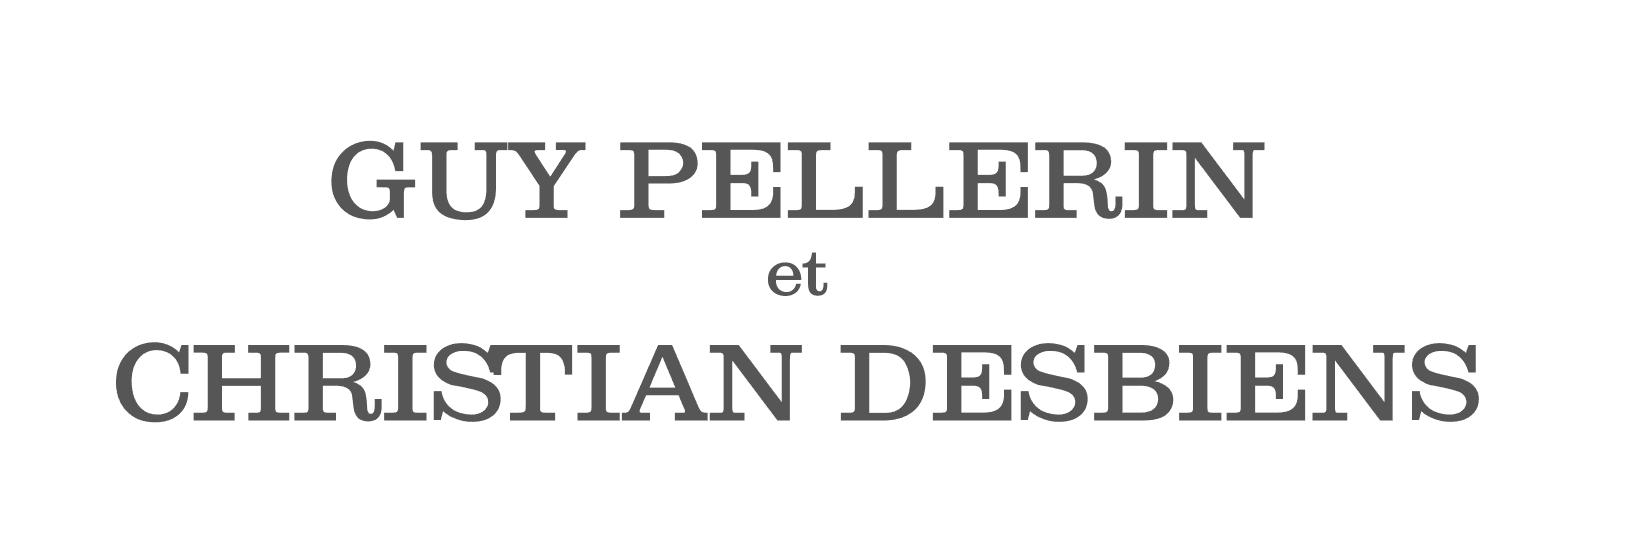 Guy Pellerin et Christian Desbiens